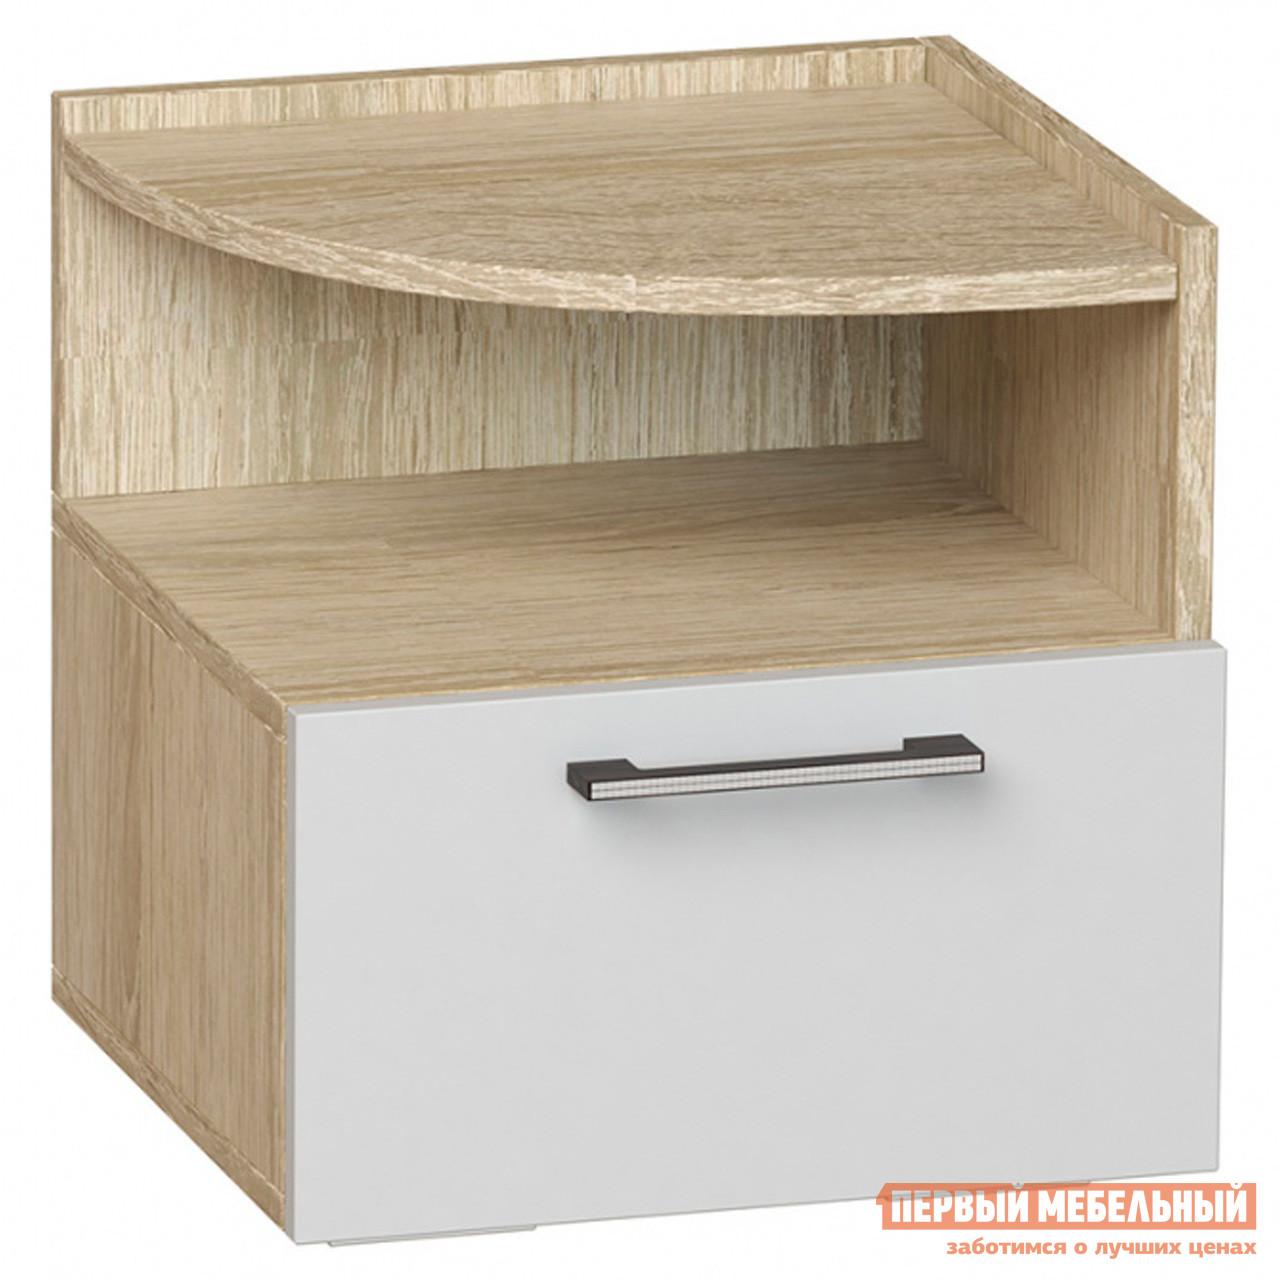 все цены на Тумба Первый Мебельный Белладжио Тумба ТБ-08 онлайн